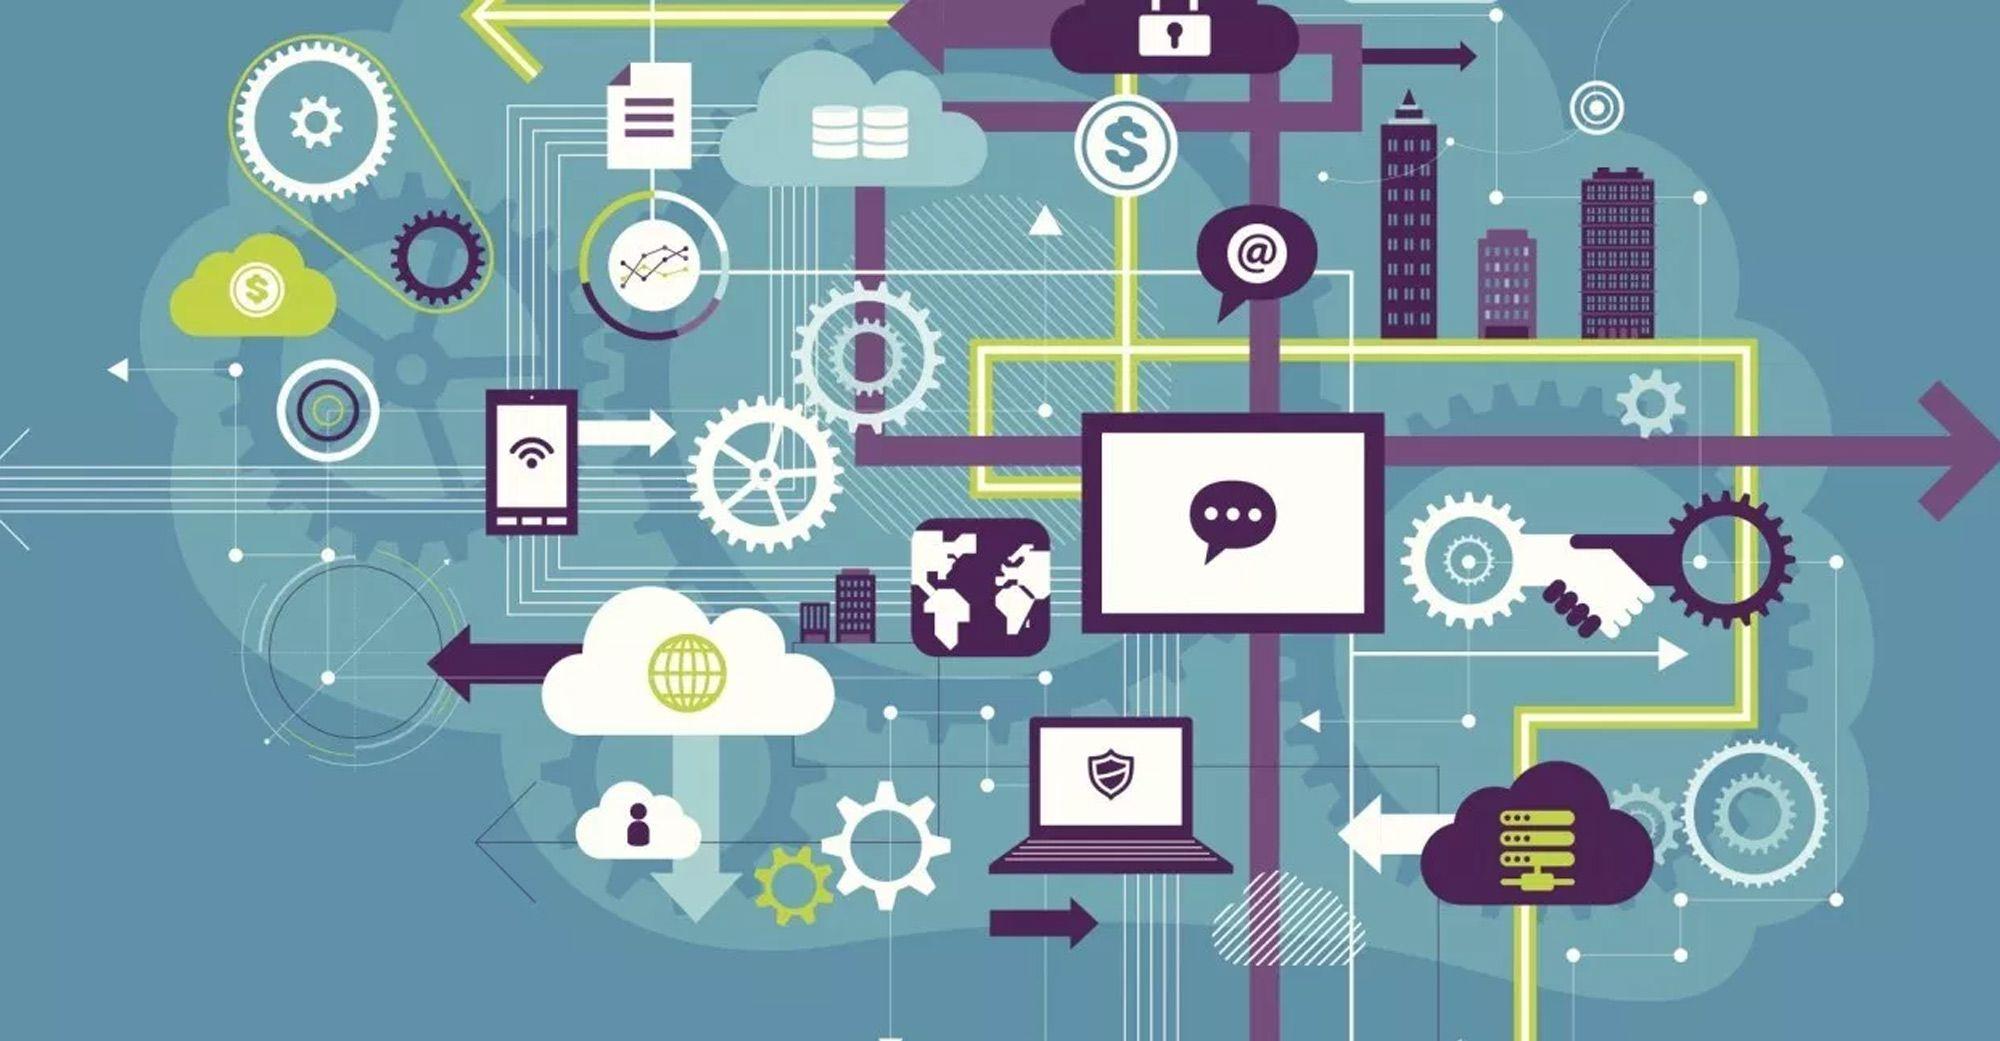 روند پیشرفت بازار دستگاههای هوشمند تا سال 2020 + اینفوگرافی